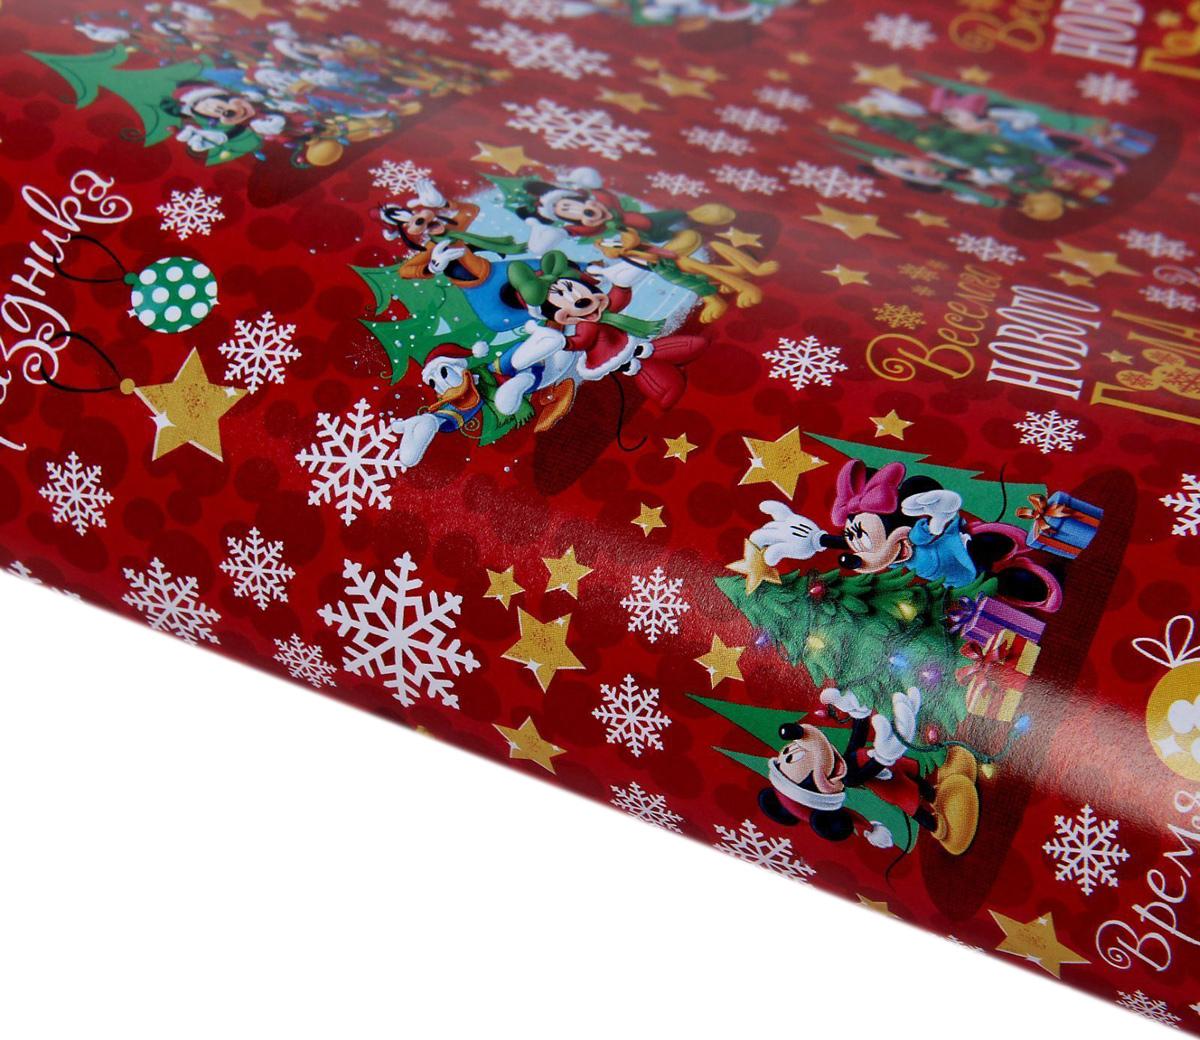 Бумага упаковочная Disney Веселого Нового Года. Микки Маус и друзья, глянцевая, 70 х 100 см1138992Это стильный и модный тренд в декоре и упаковке. Она универсальна в оформлении любой продукции и подарка и сделает даже обычный презент заметным, приятным и стильным.